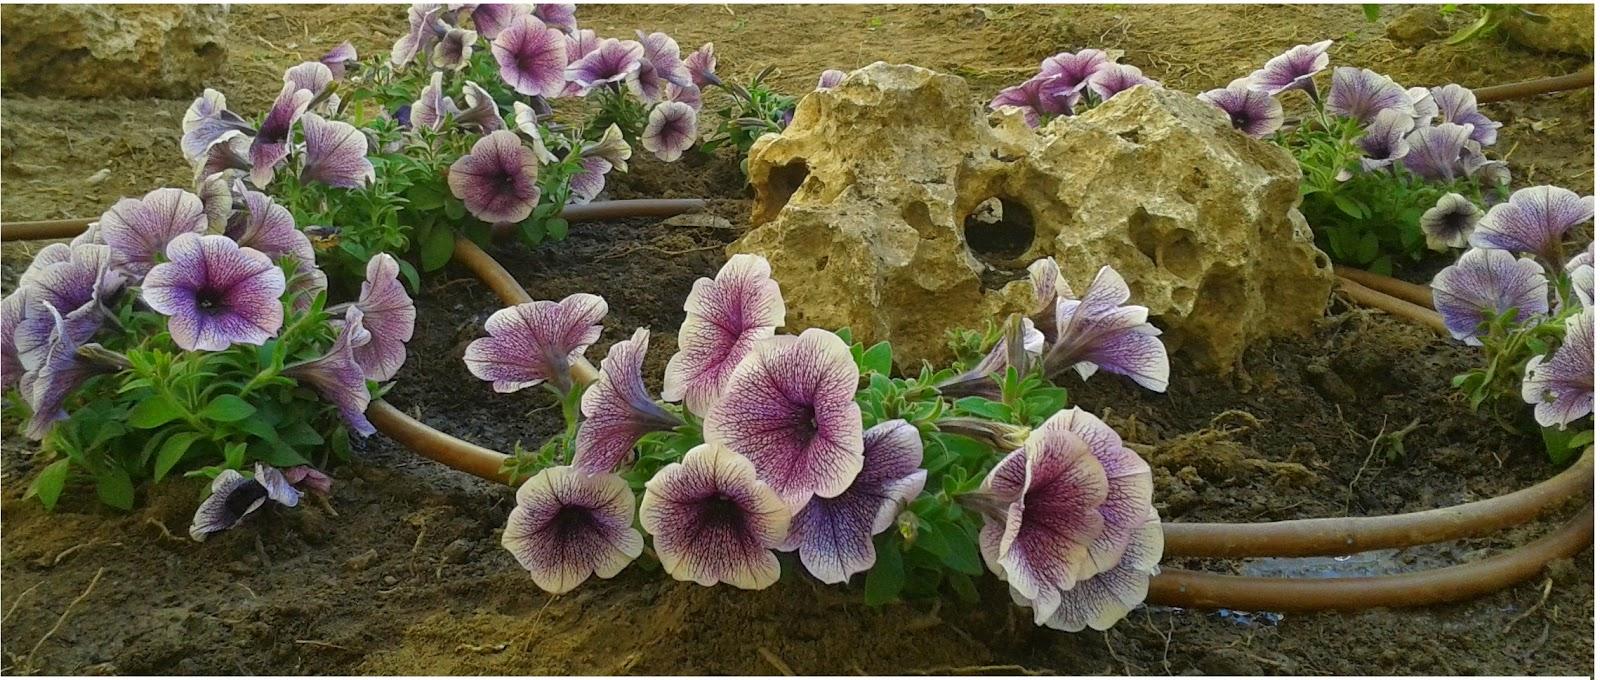 Petunias curiosidades y consejos mantenimiento de - Empresas de jardineria en malaga ...